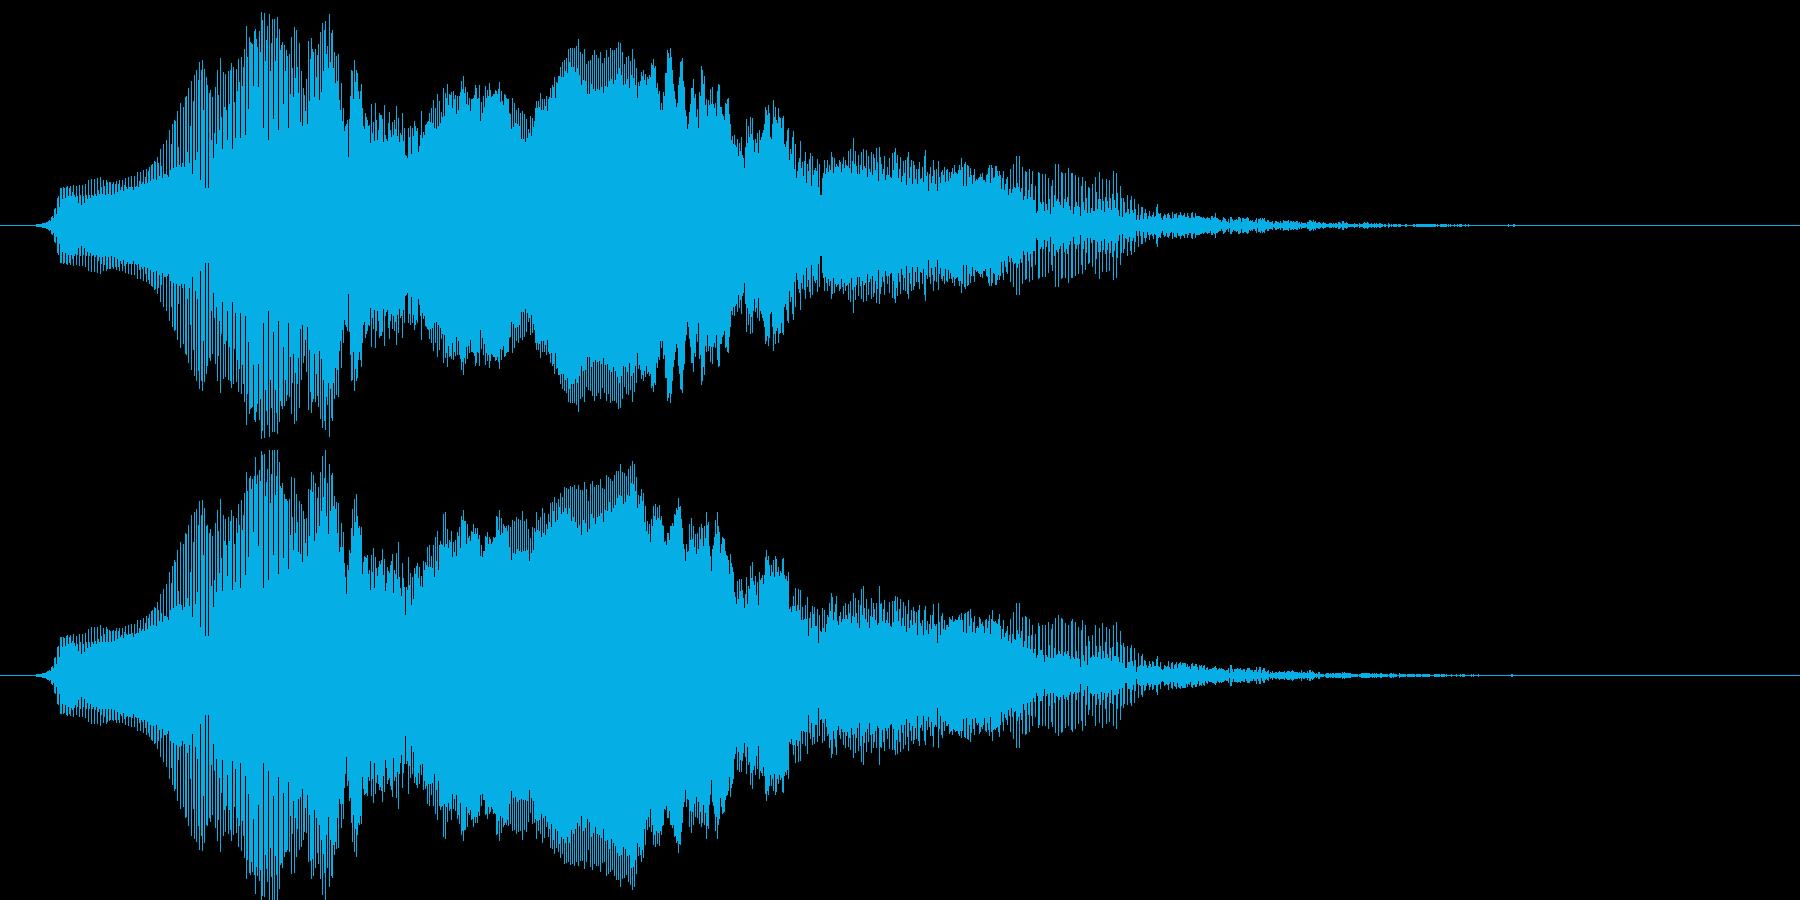 ウワーオ(艶加工)【セクシー、ギャグ】の再生済みの波形